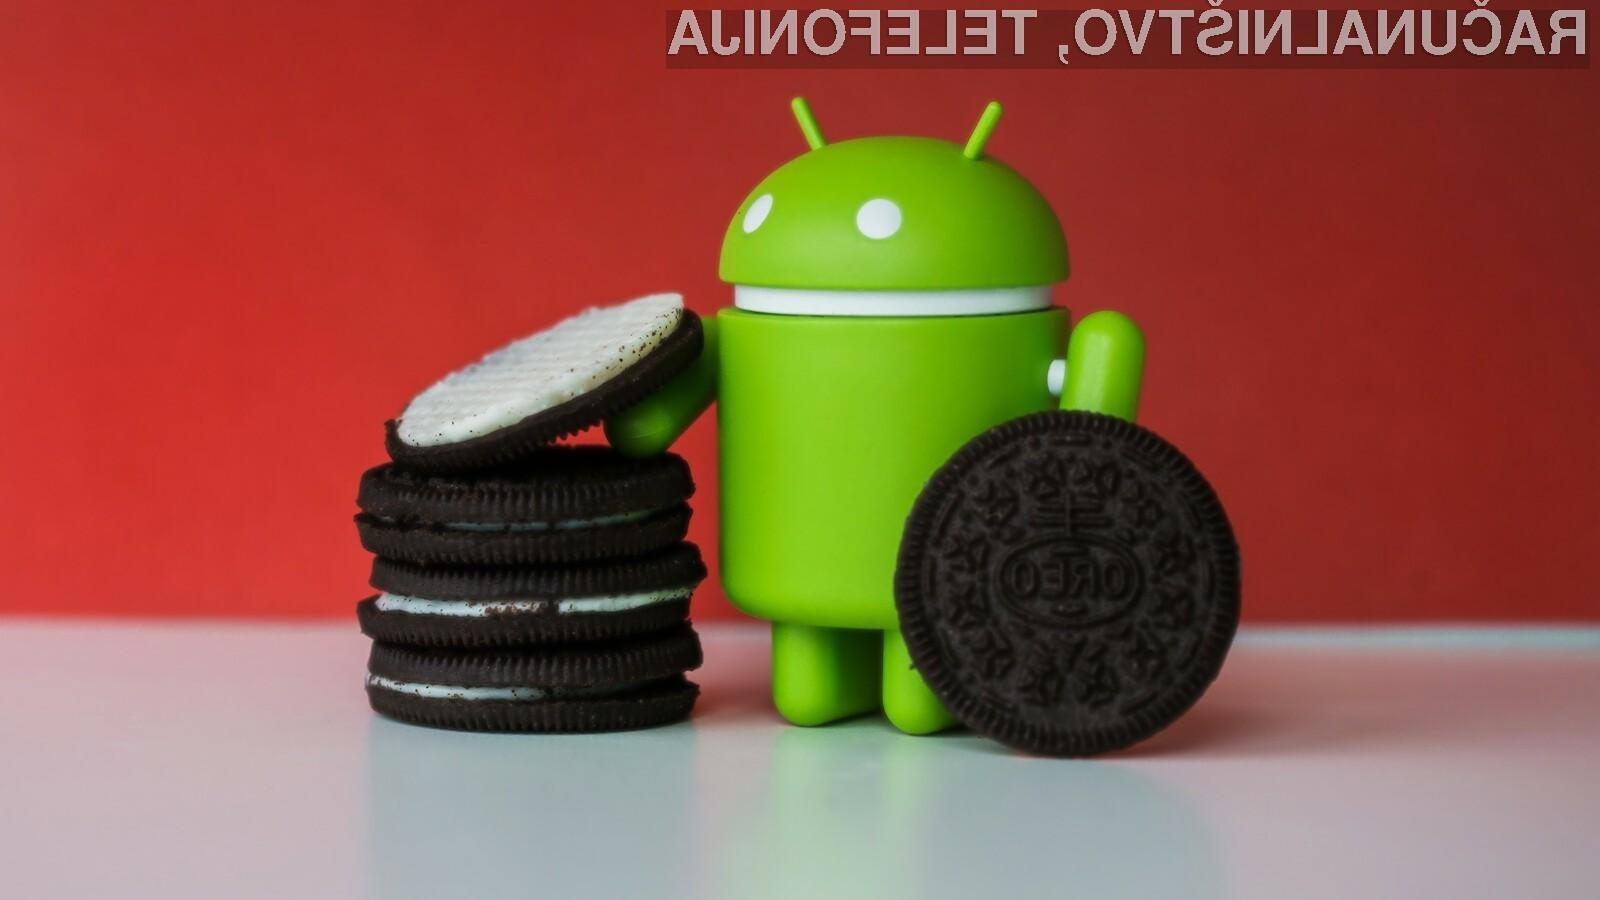 Android Oreo v dobra pol leta ni prilezel še niti do odstotka deleža mobilnih naprav.